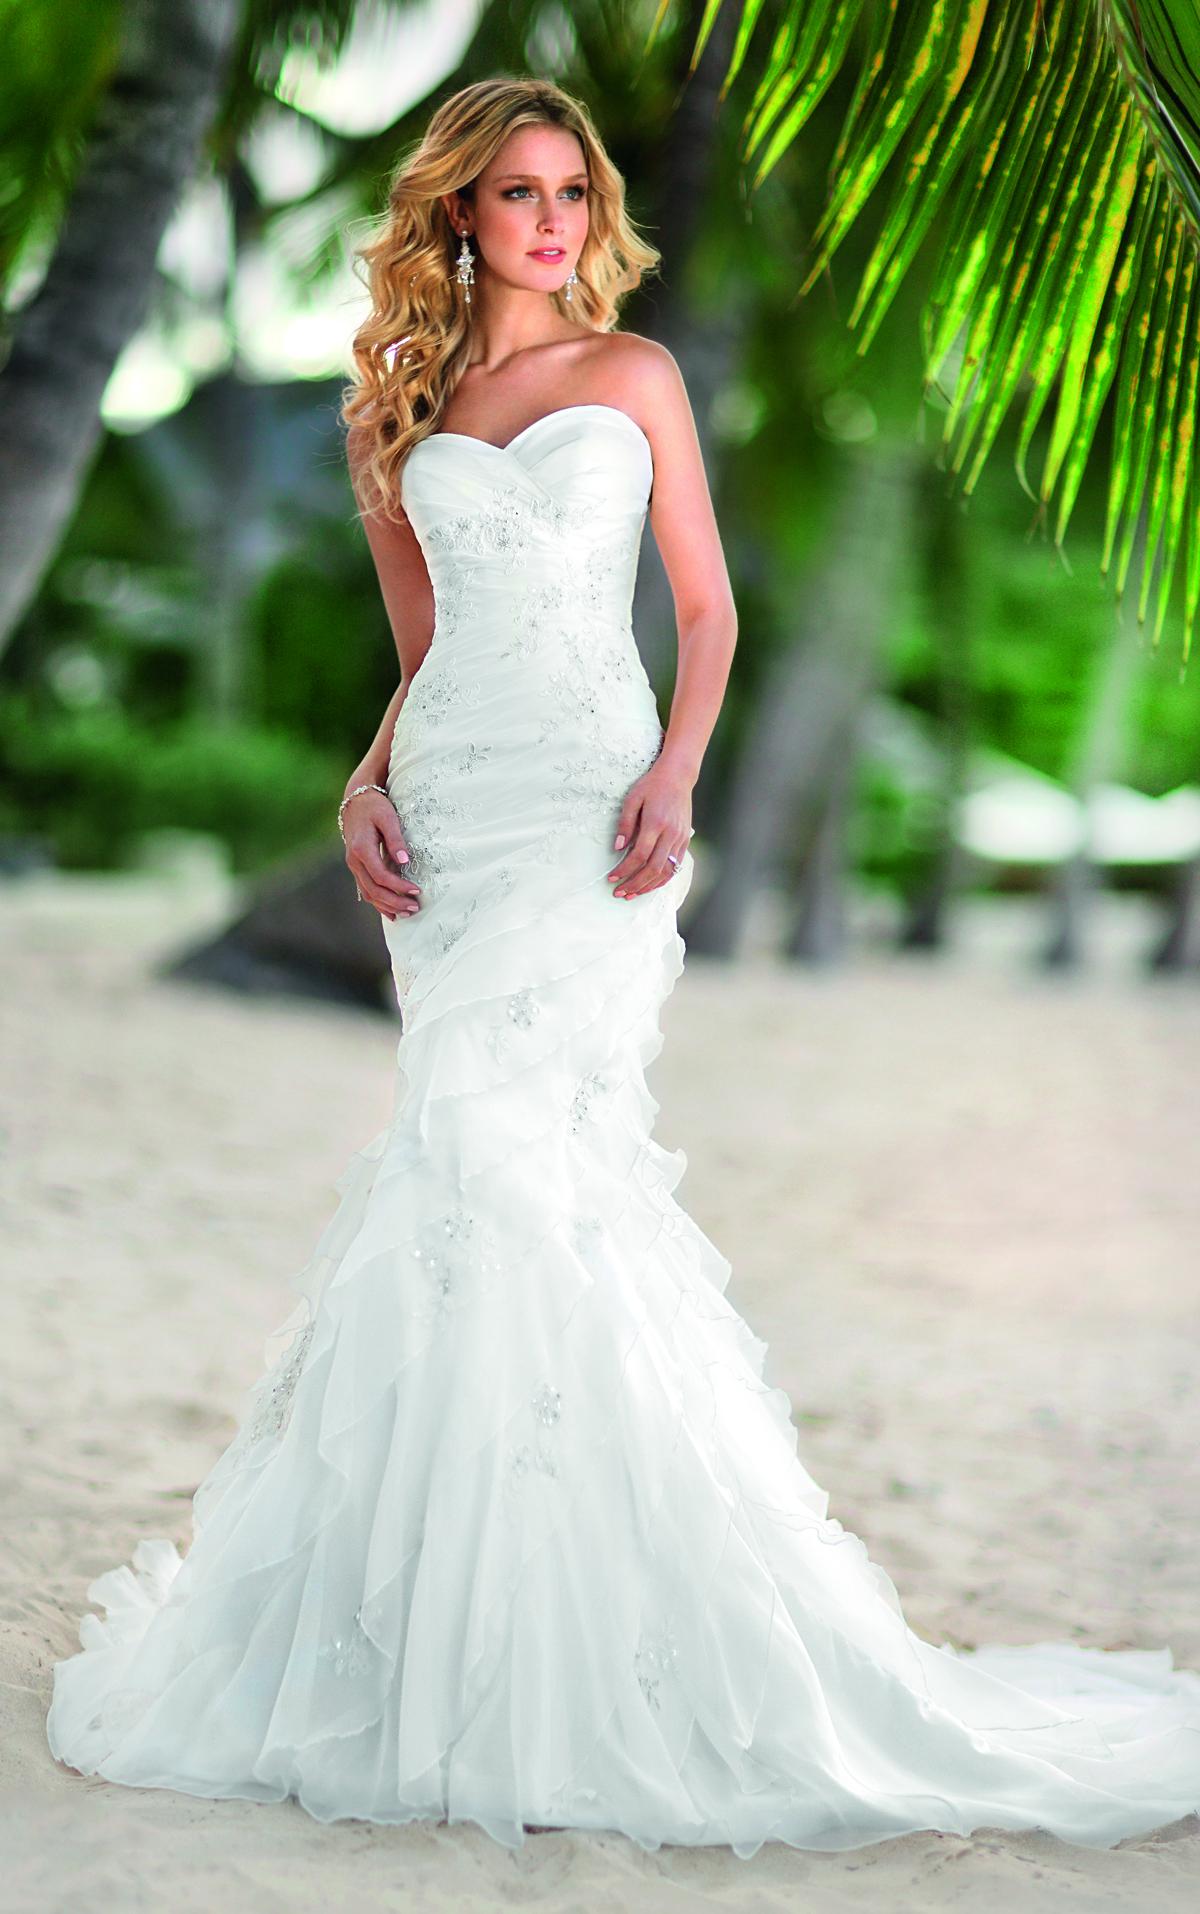 Top Ten Wedding Dress Style in 2013  Mermaid  Wedding Inspiration Trends